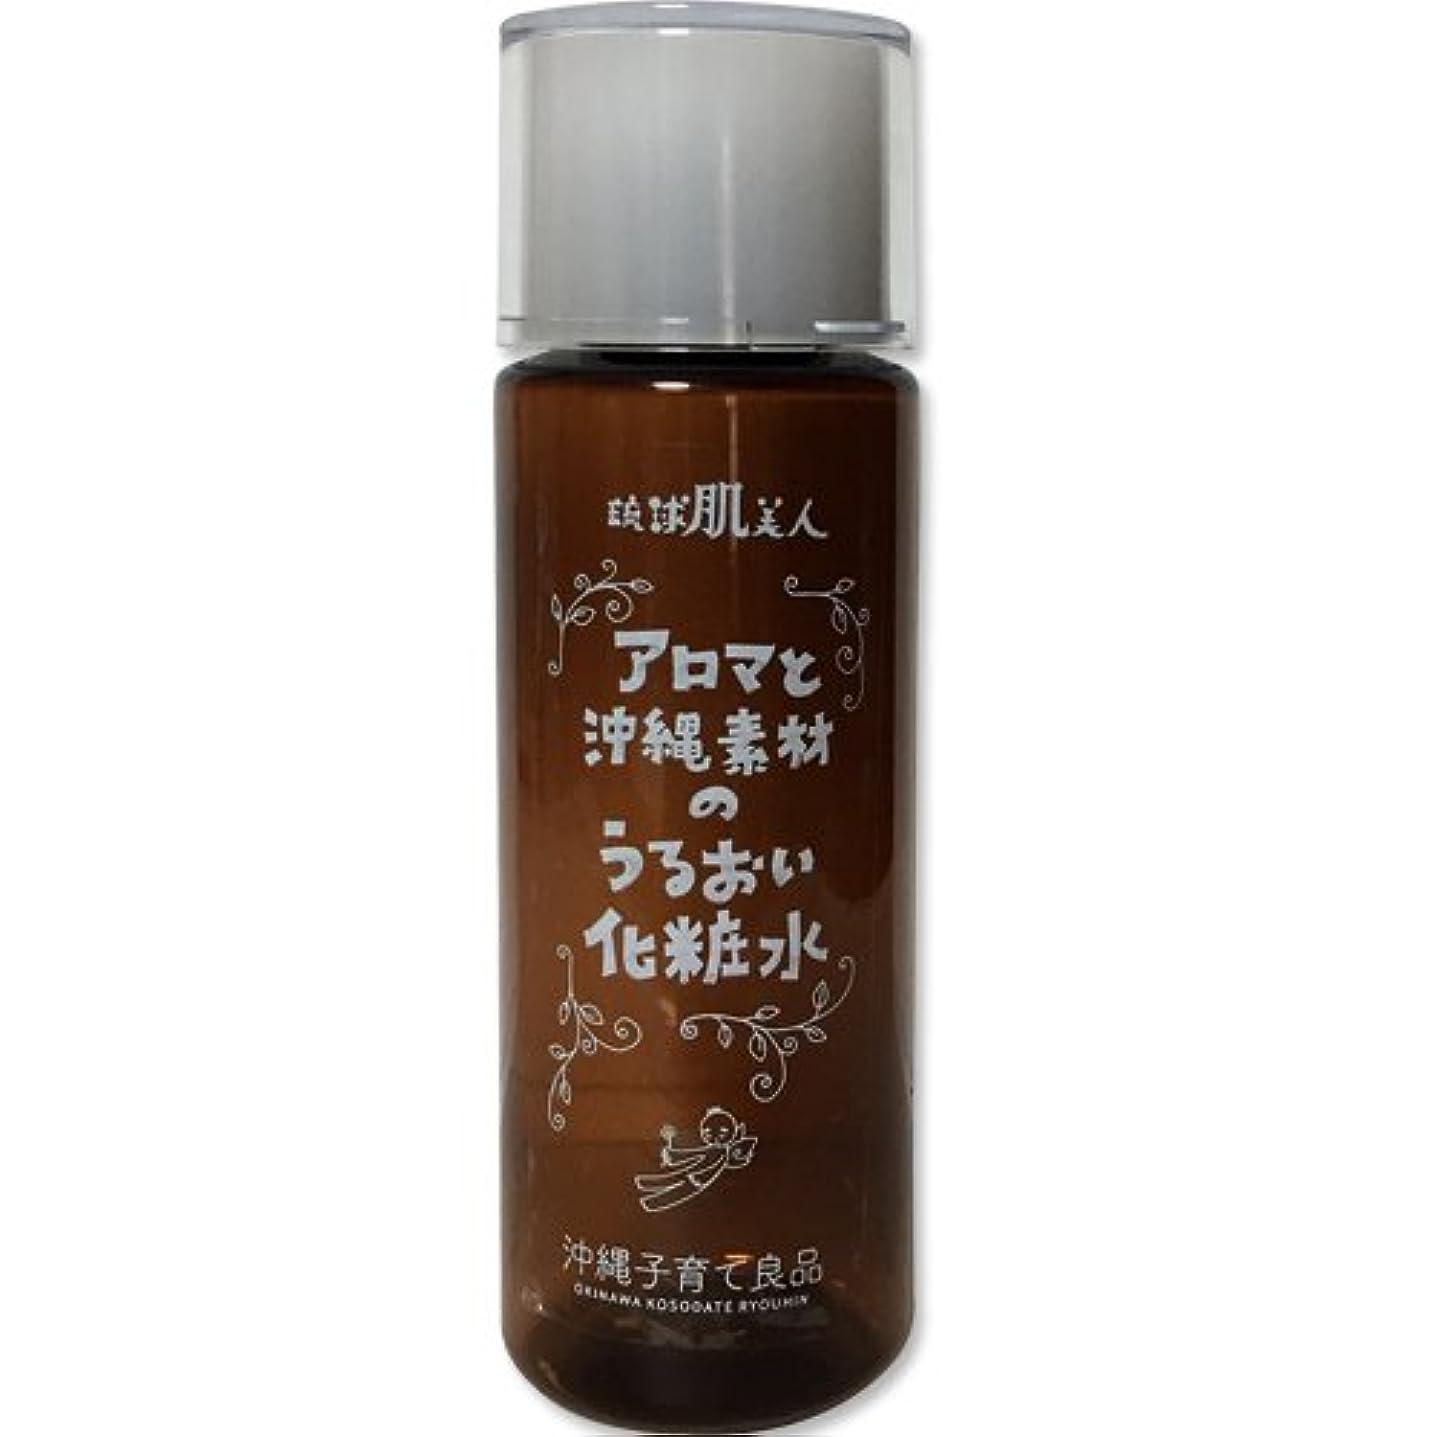 人質異邦人ピザ保湿 化粧水 無添加 アルコールフリー アロマと沖縄素材のうるおい化粧水 120ml